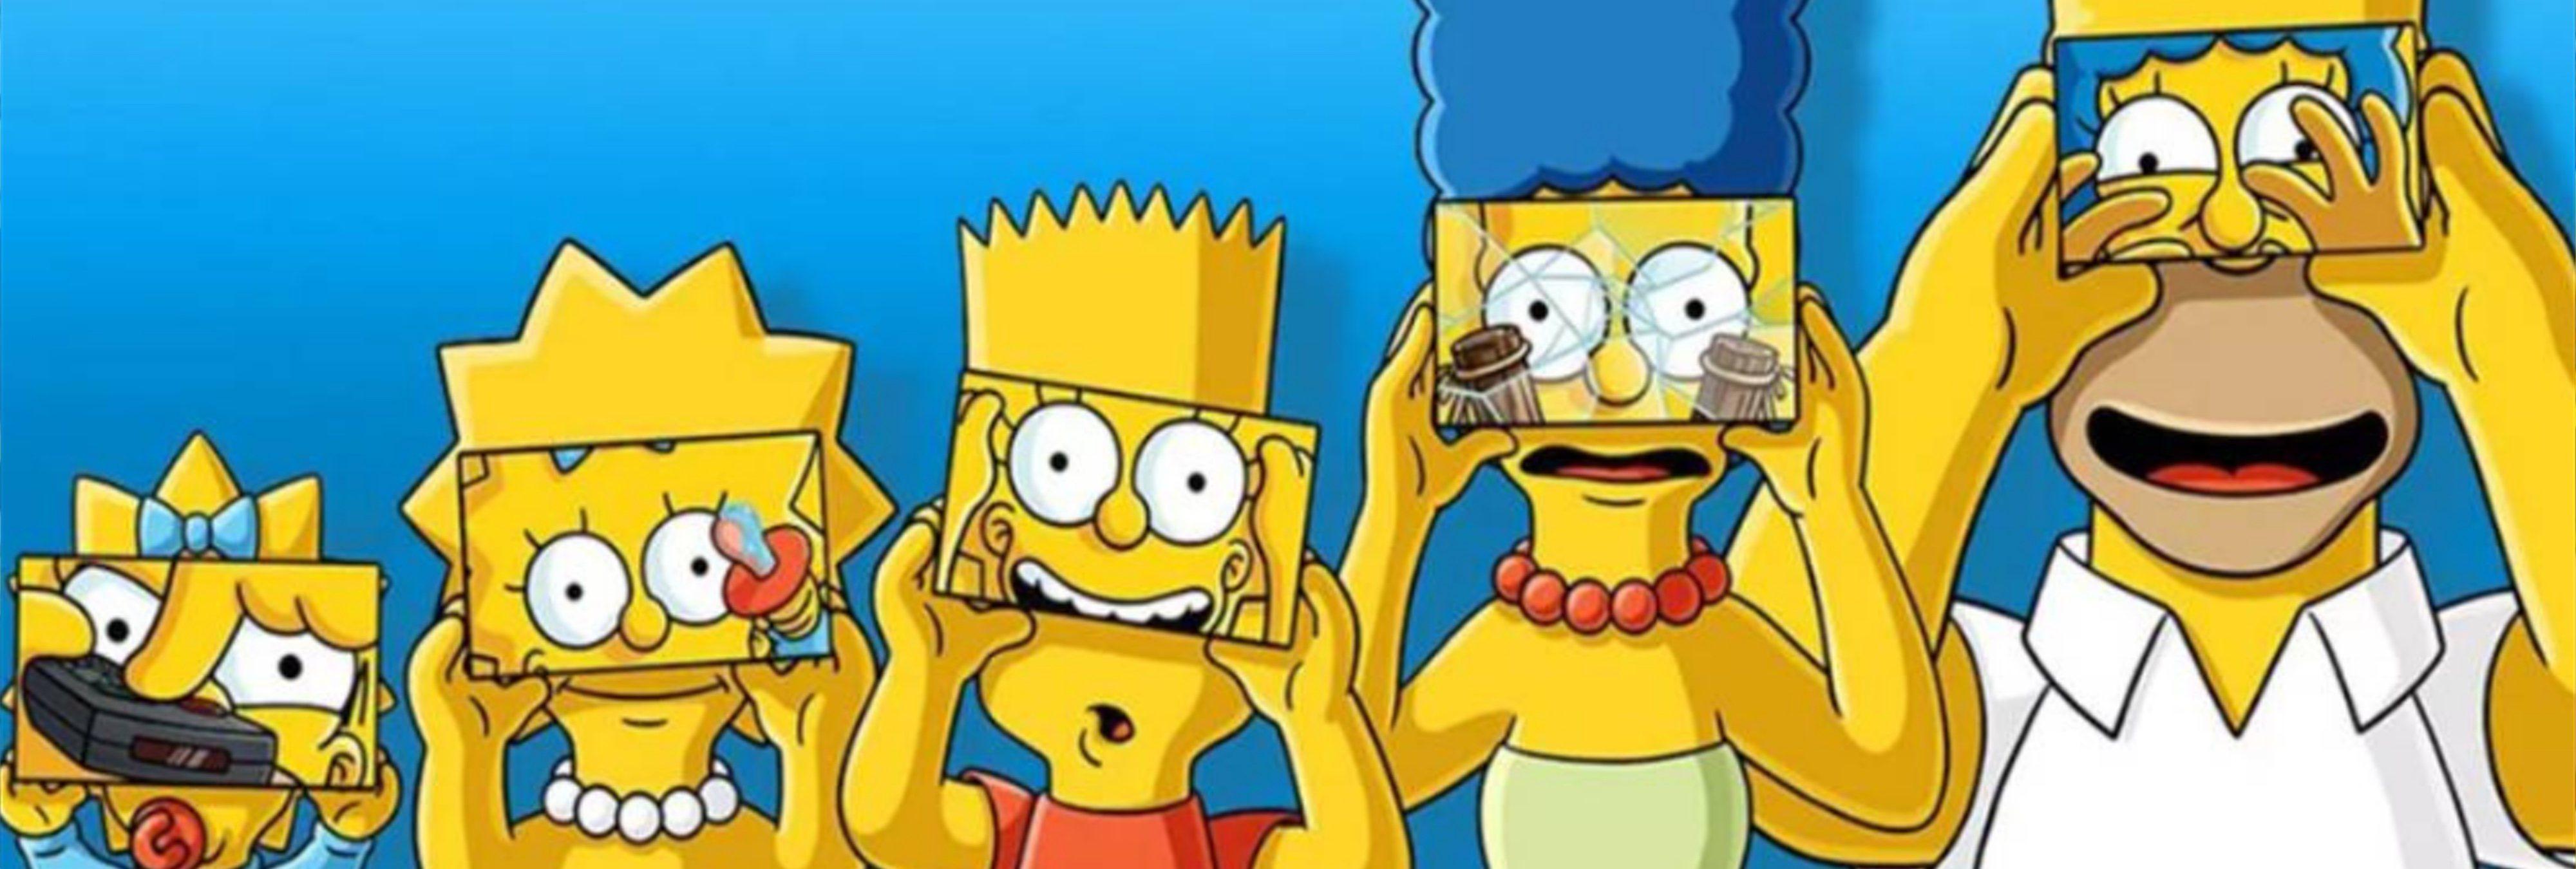 El enorme fallo en 'Los Simpsons' que ha pasado desapercibido durante 20 años